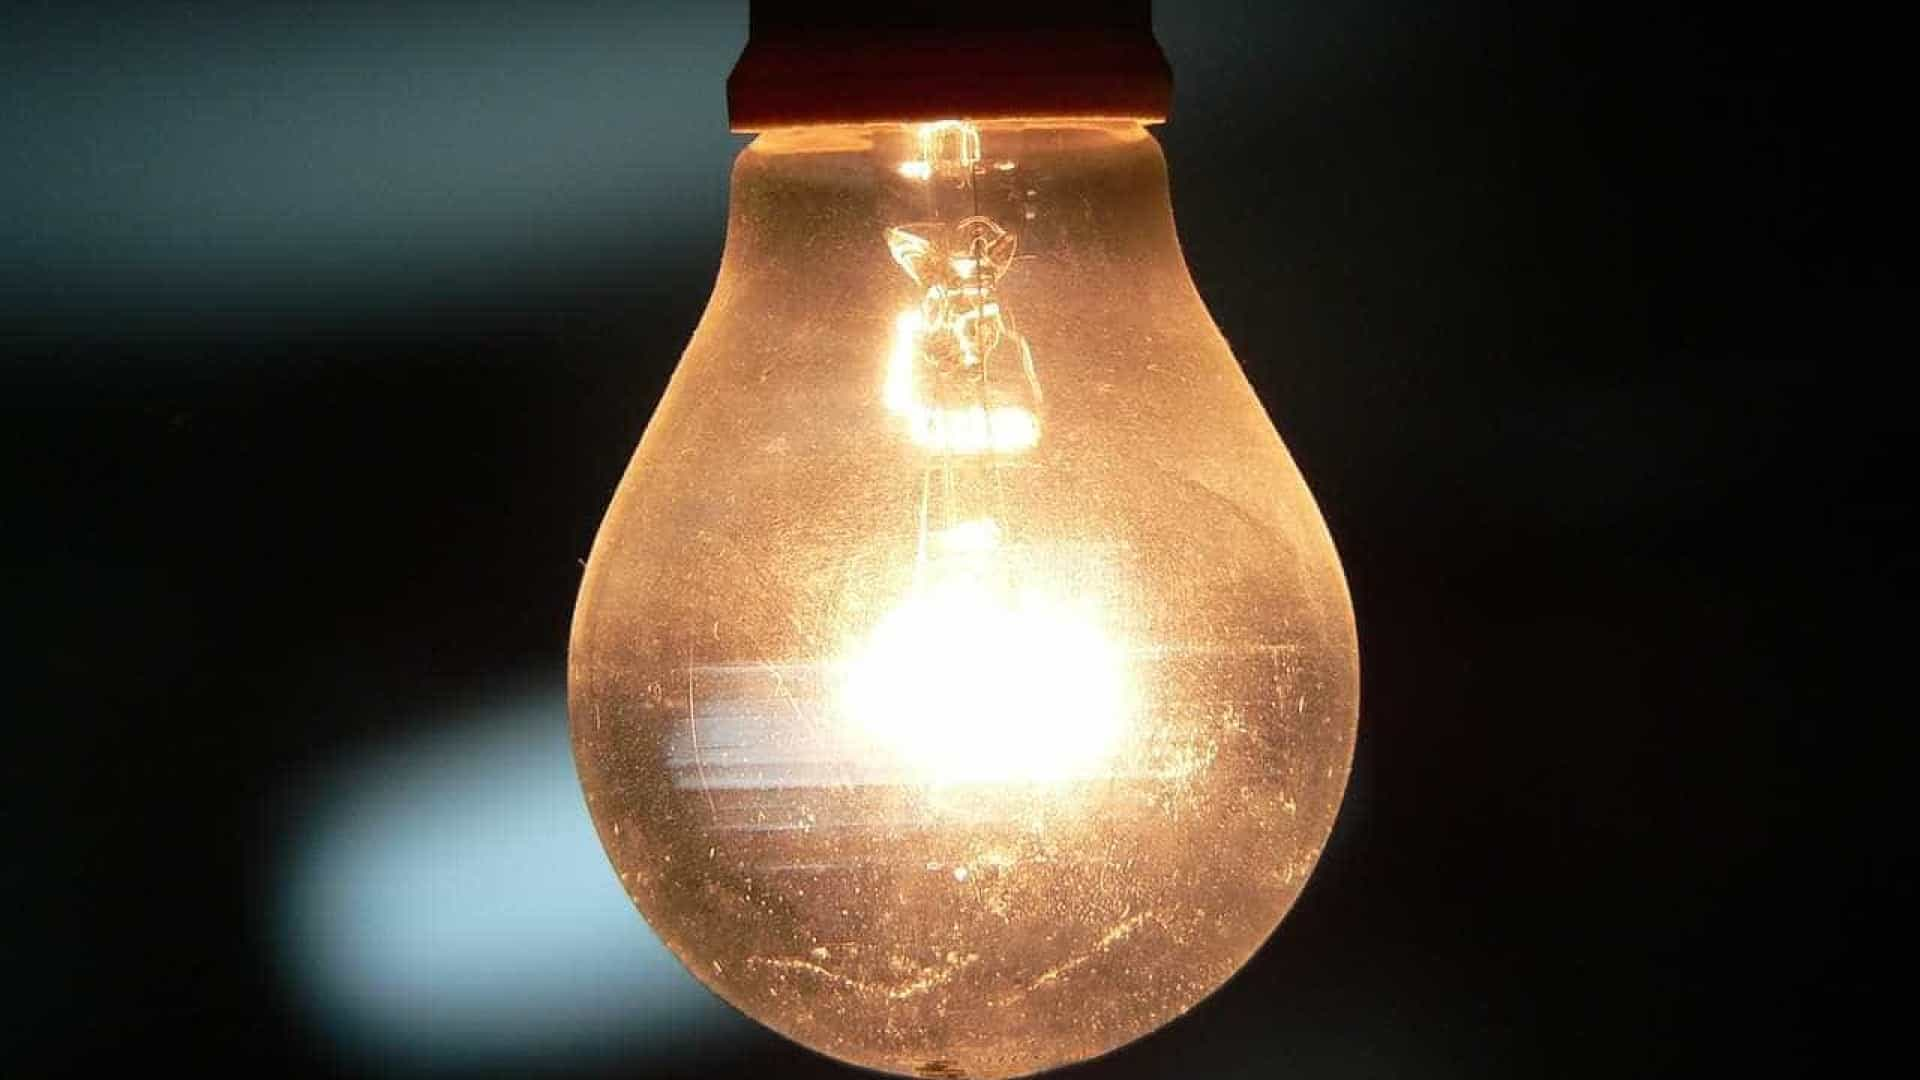 Leilão de energia termina com 31 lotes arrematados